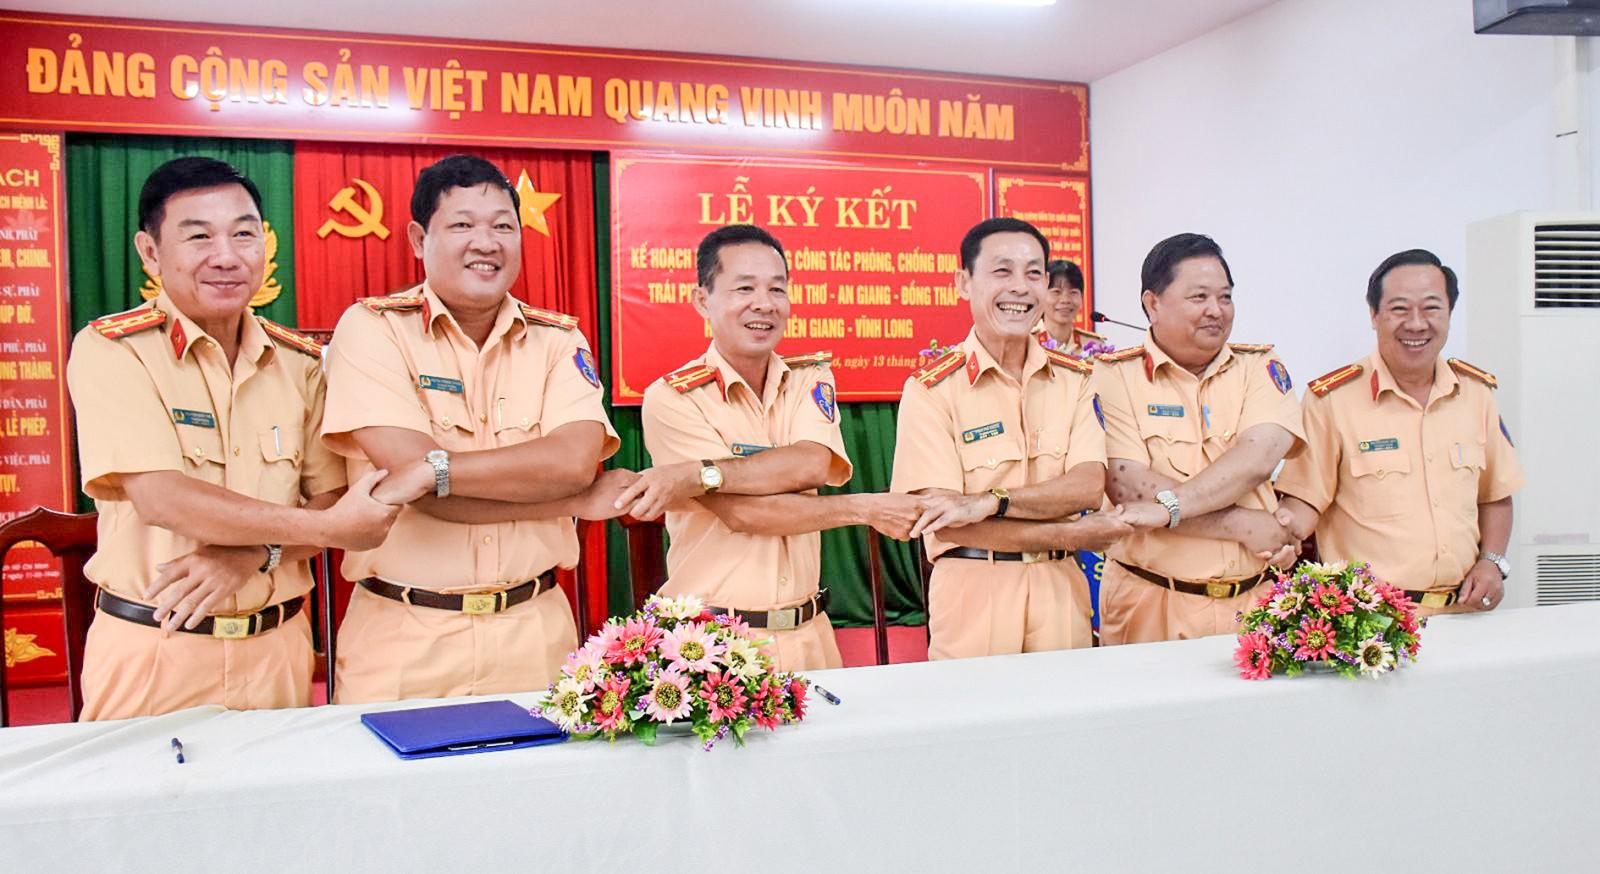 Lãnh đạo Phòng CSGT các tỉnh, thành phố giáp ranh ký kết trong công tác phối hợp phòng, chống đua xe trái phép.